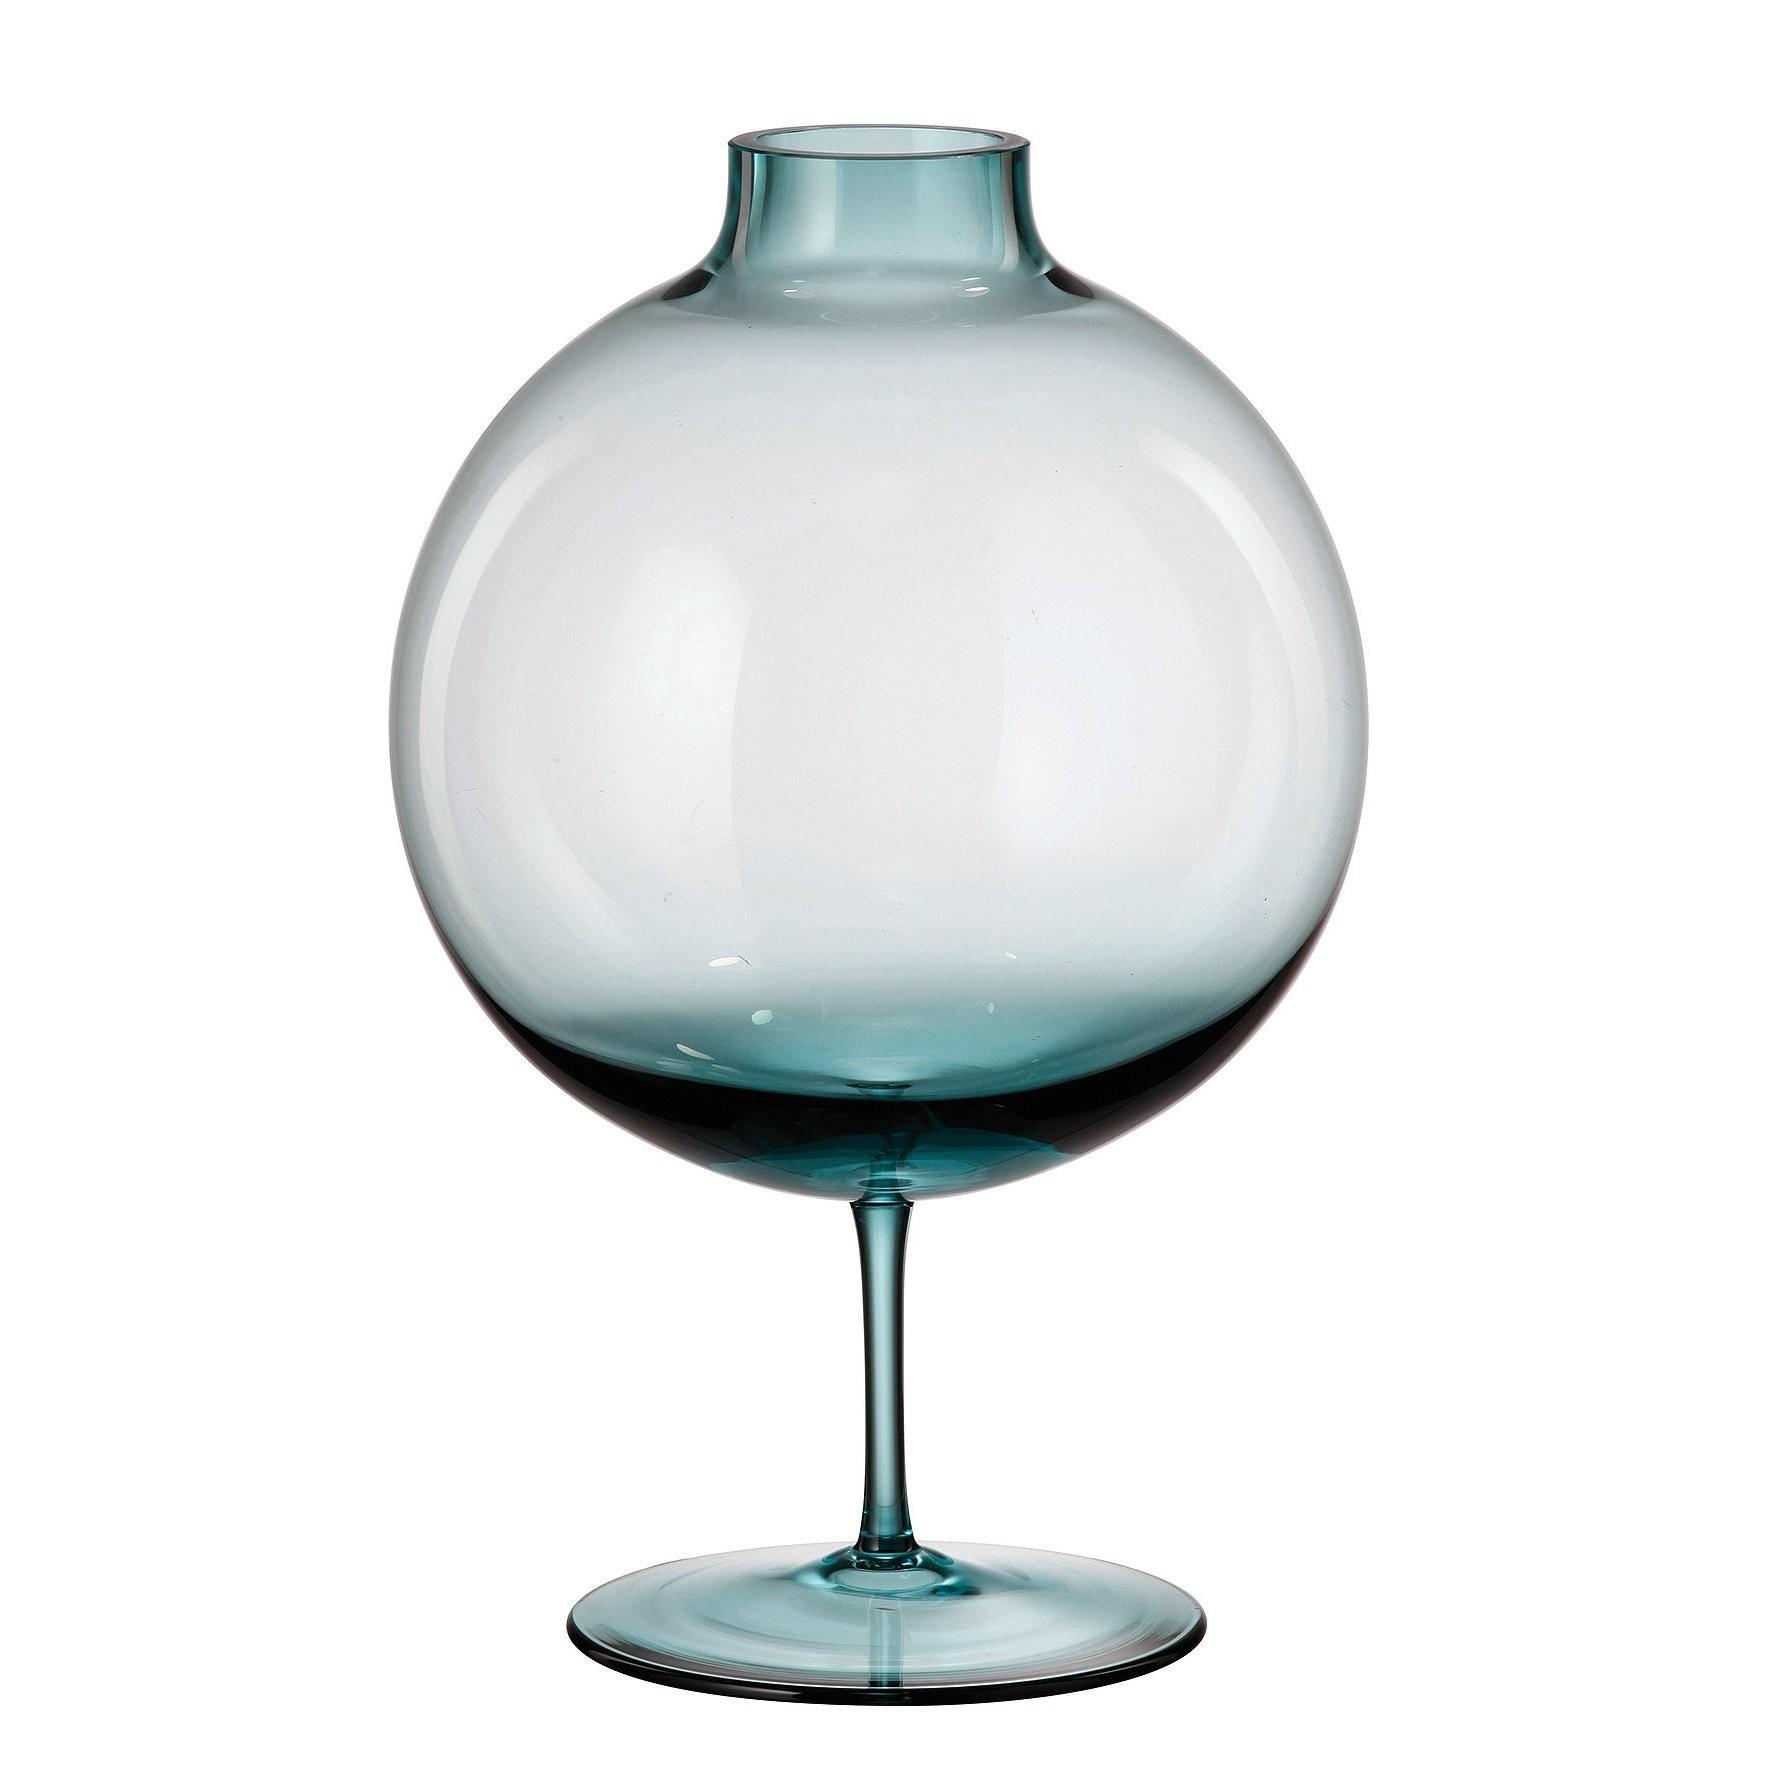 Βαζό Aspire Aqua Bohemia Κρυστάλλινο 23cm home   κρυσταλλα  διακοσμηση   κρύσταλλα